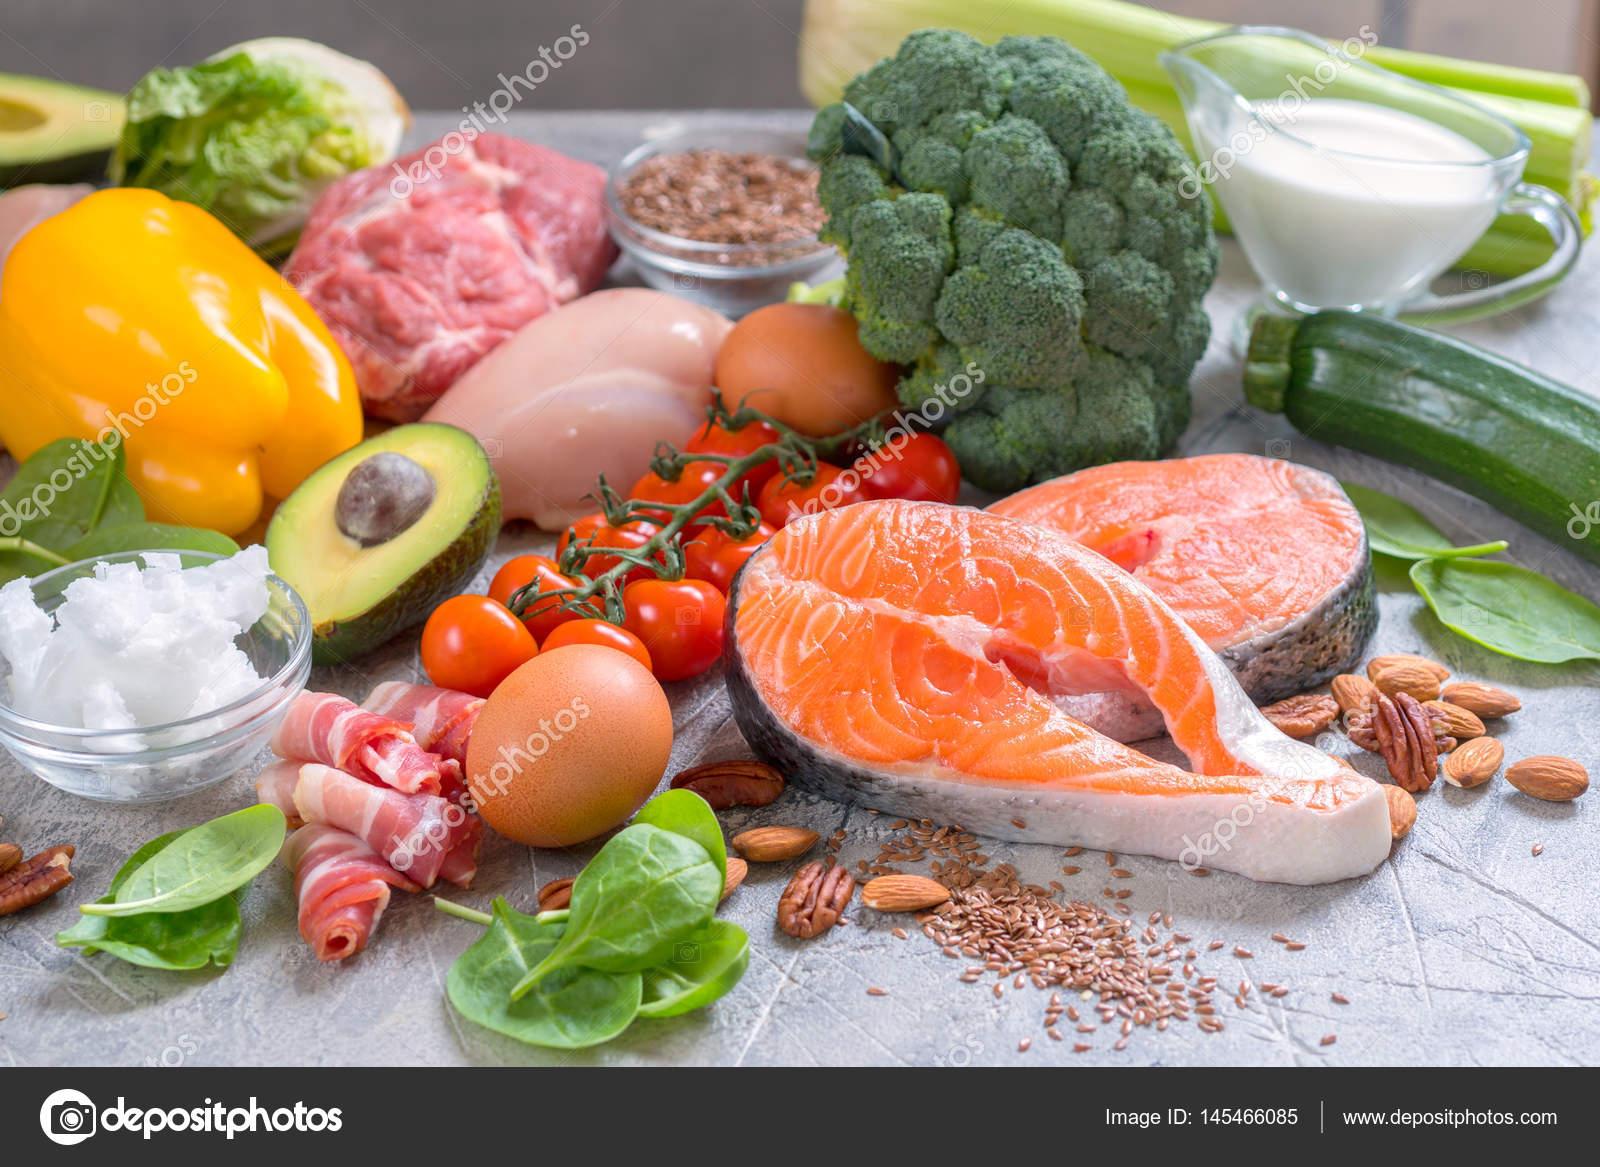 Saine alimentation faible en glucides c to c tog ne repas r gime alimentaire photographie - Aliments faibles en glucides ...